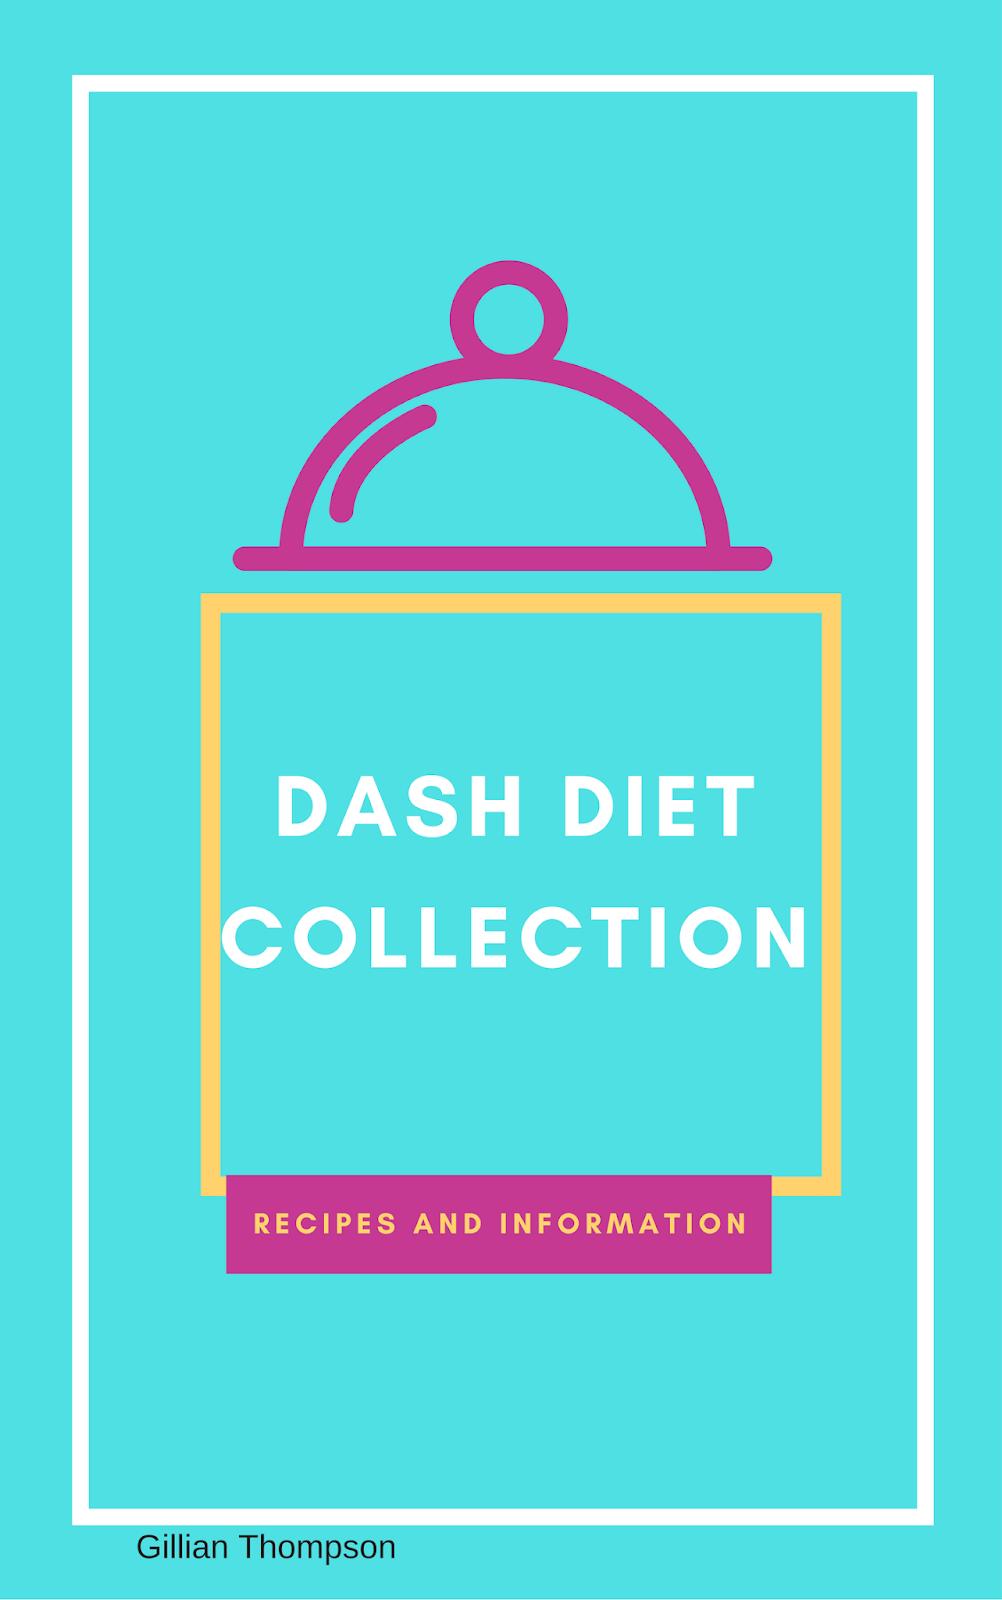 Best DASH Diet Recipes